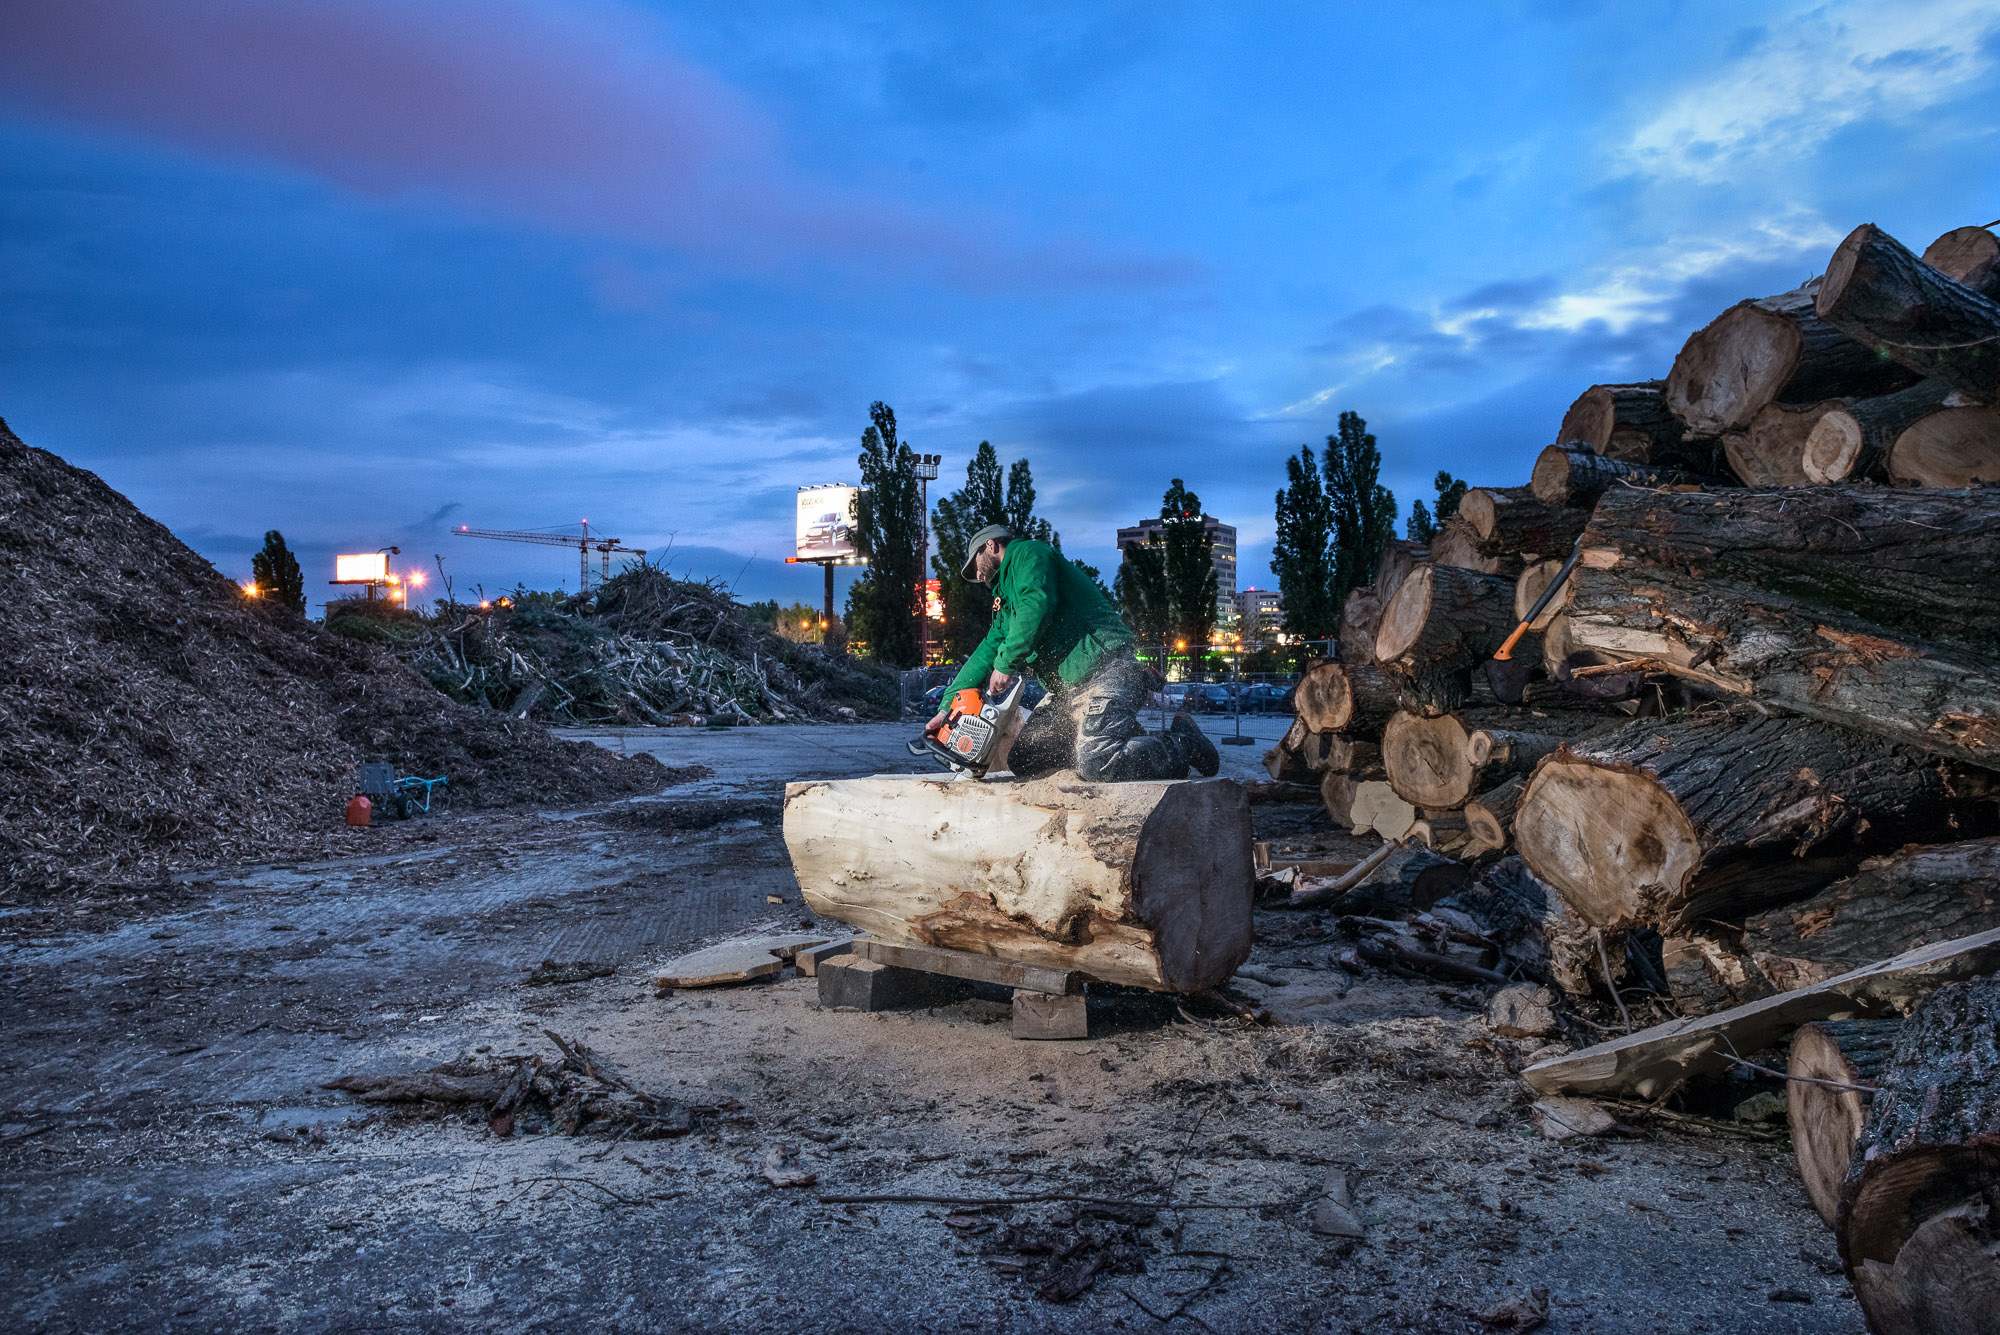 Nábytok vyrába zo stromov, ktoré vyrúbali na uliciach Bratislavy. Chce ich tak zachovať ako súčasť miesta, kde rástli